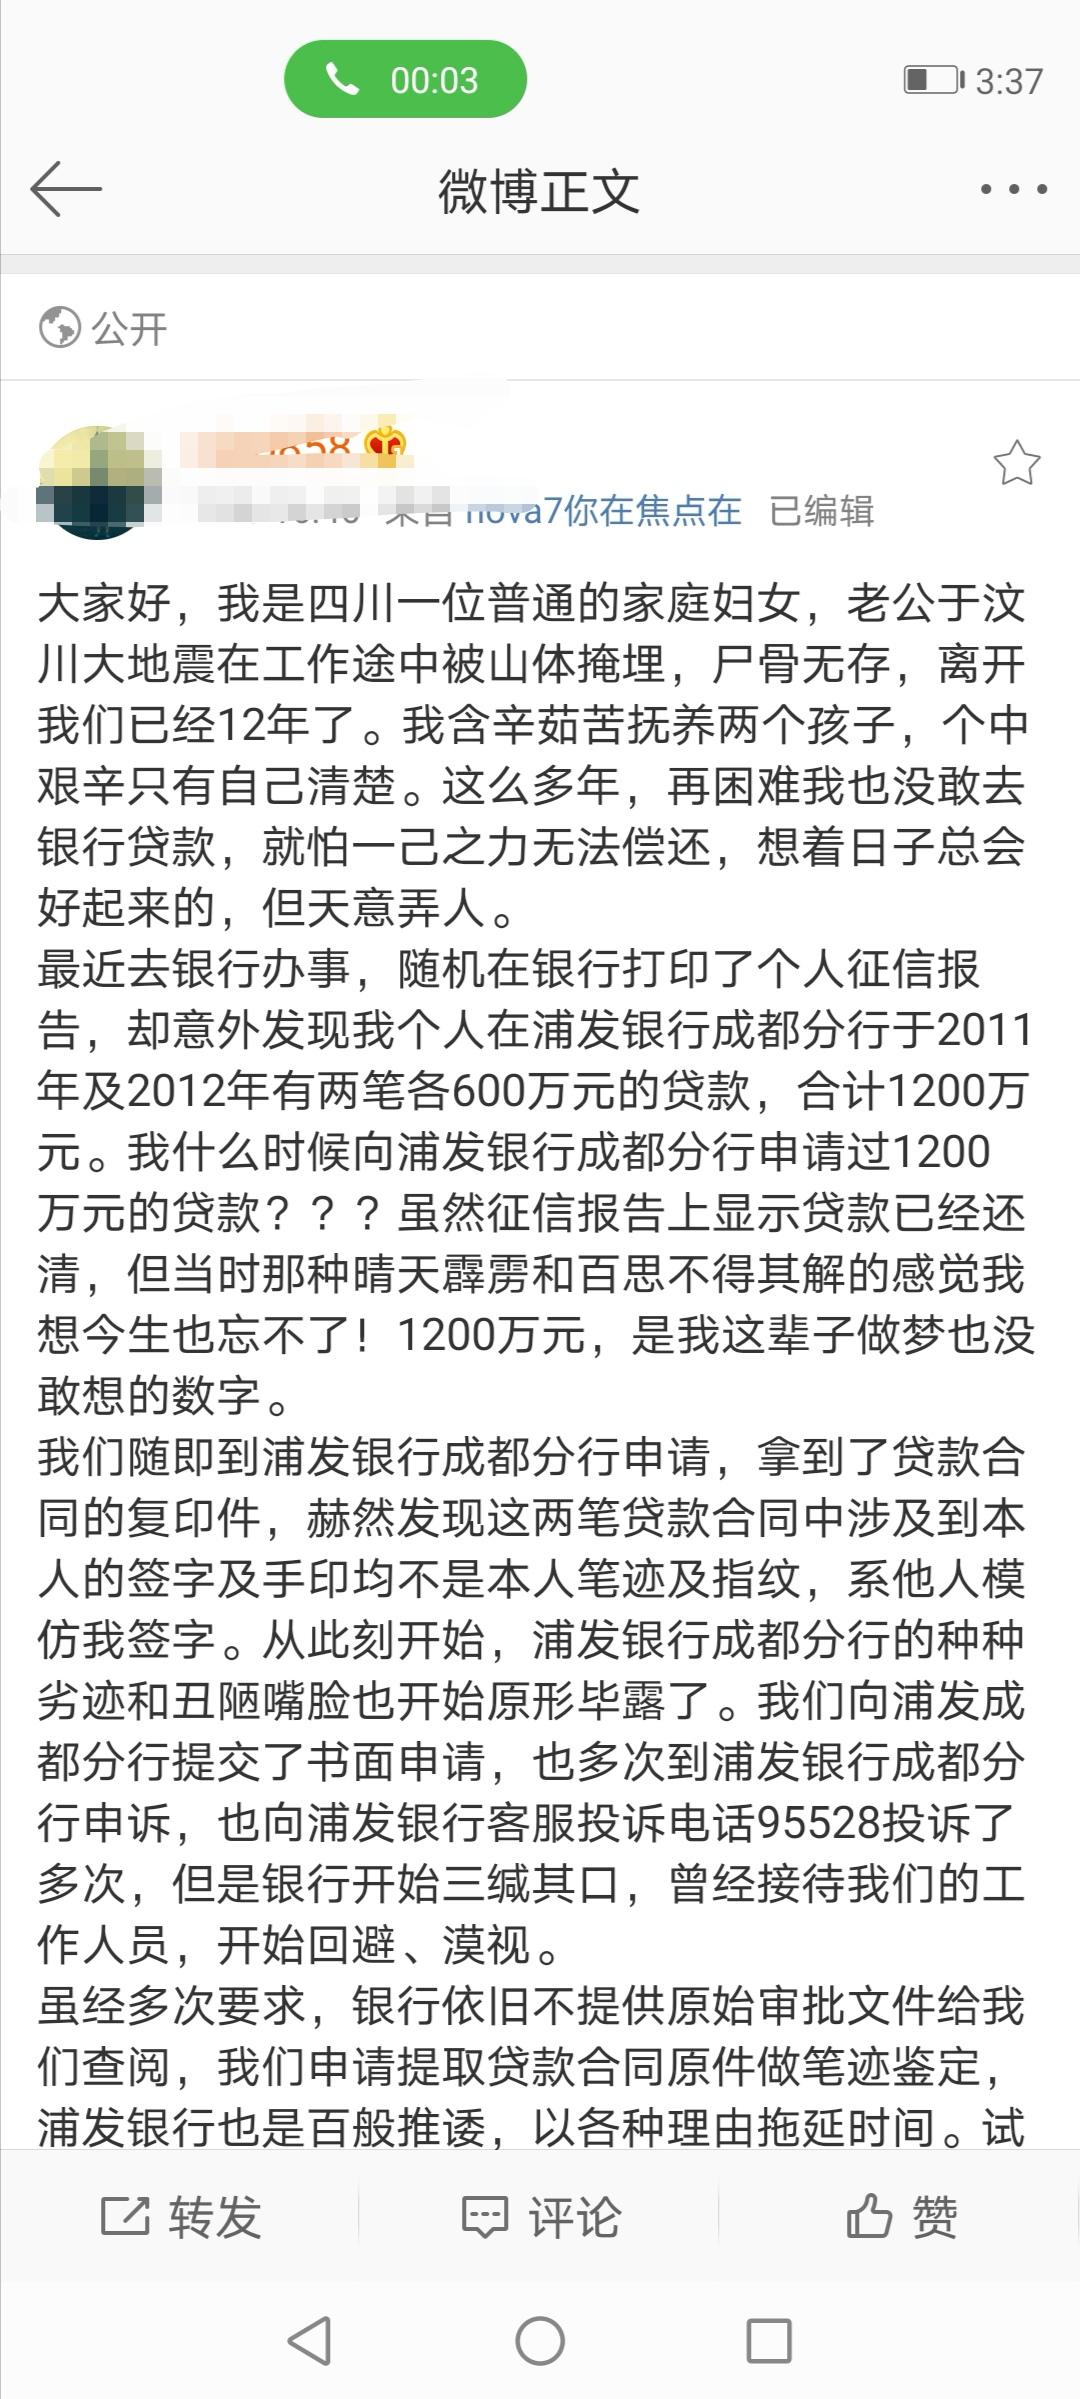 """【培训草莓视频色版】_四川银保监局回应""""一居民被贷款1200万元"""":已接到投诉"""